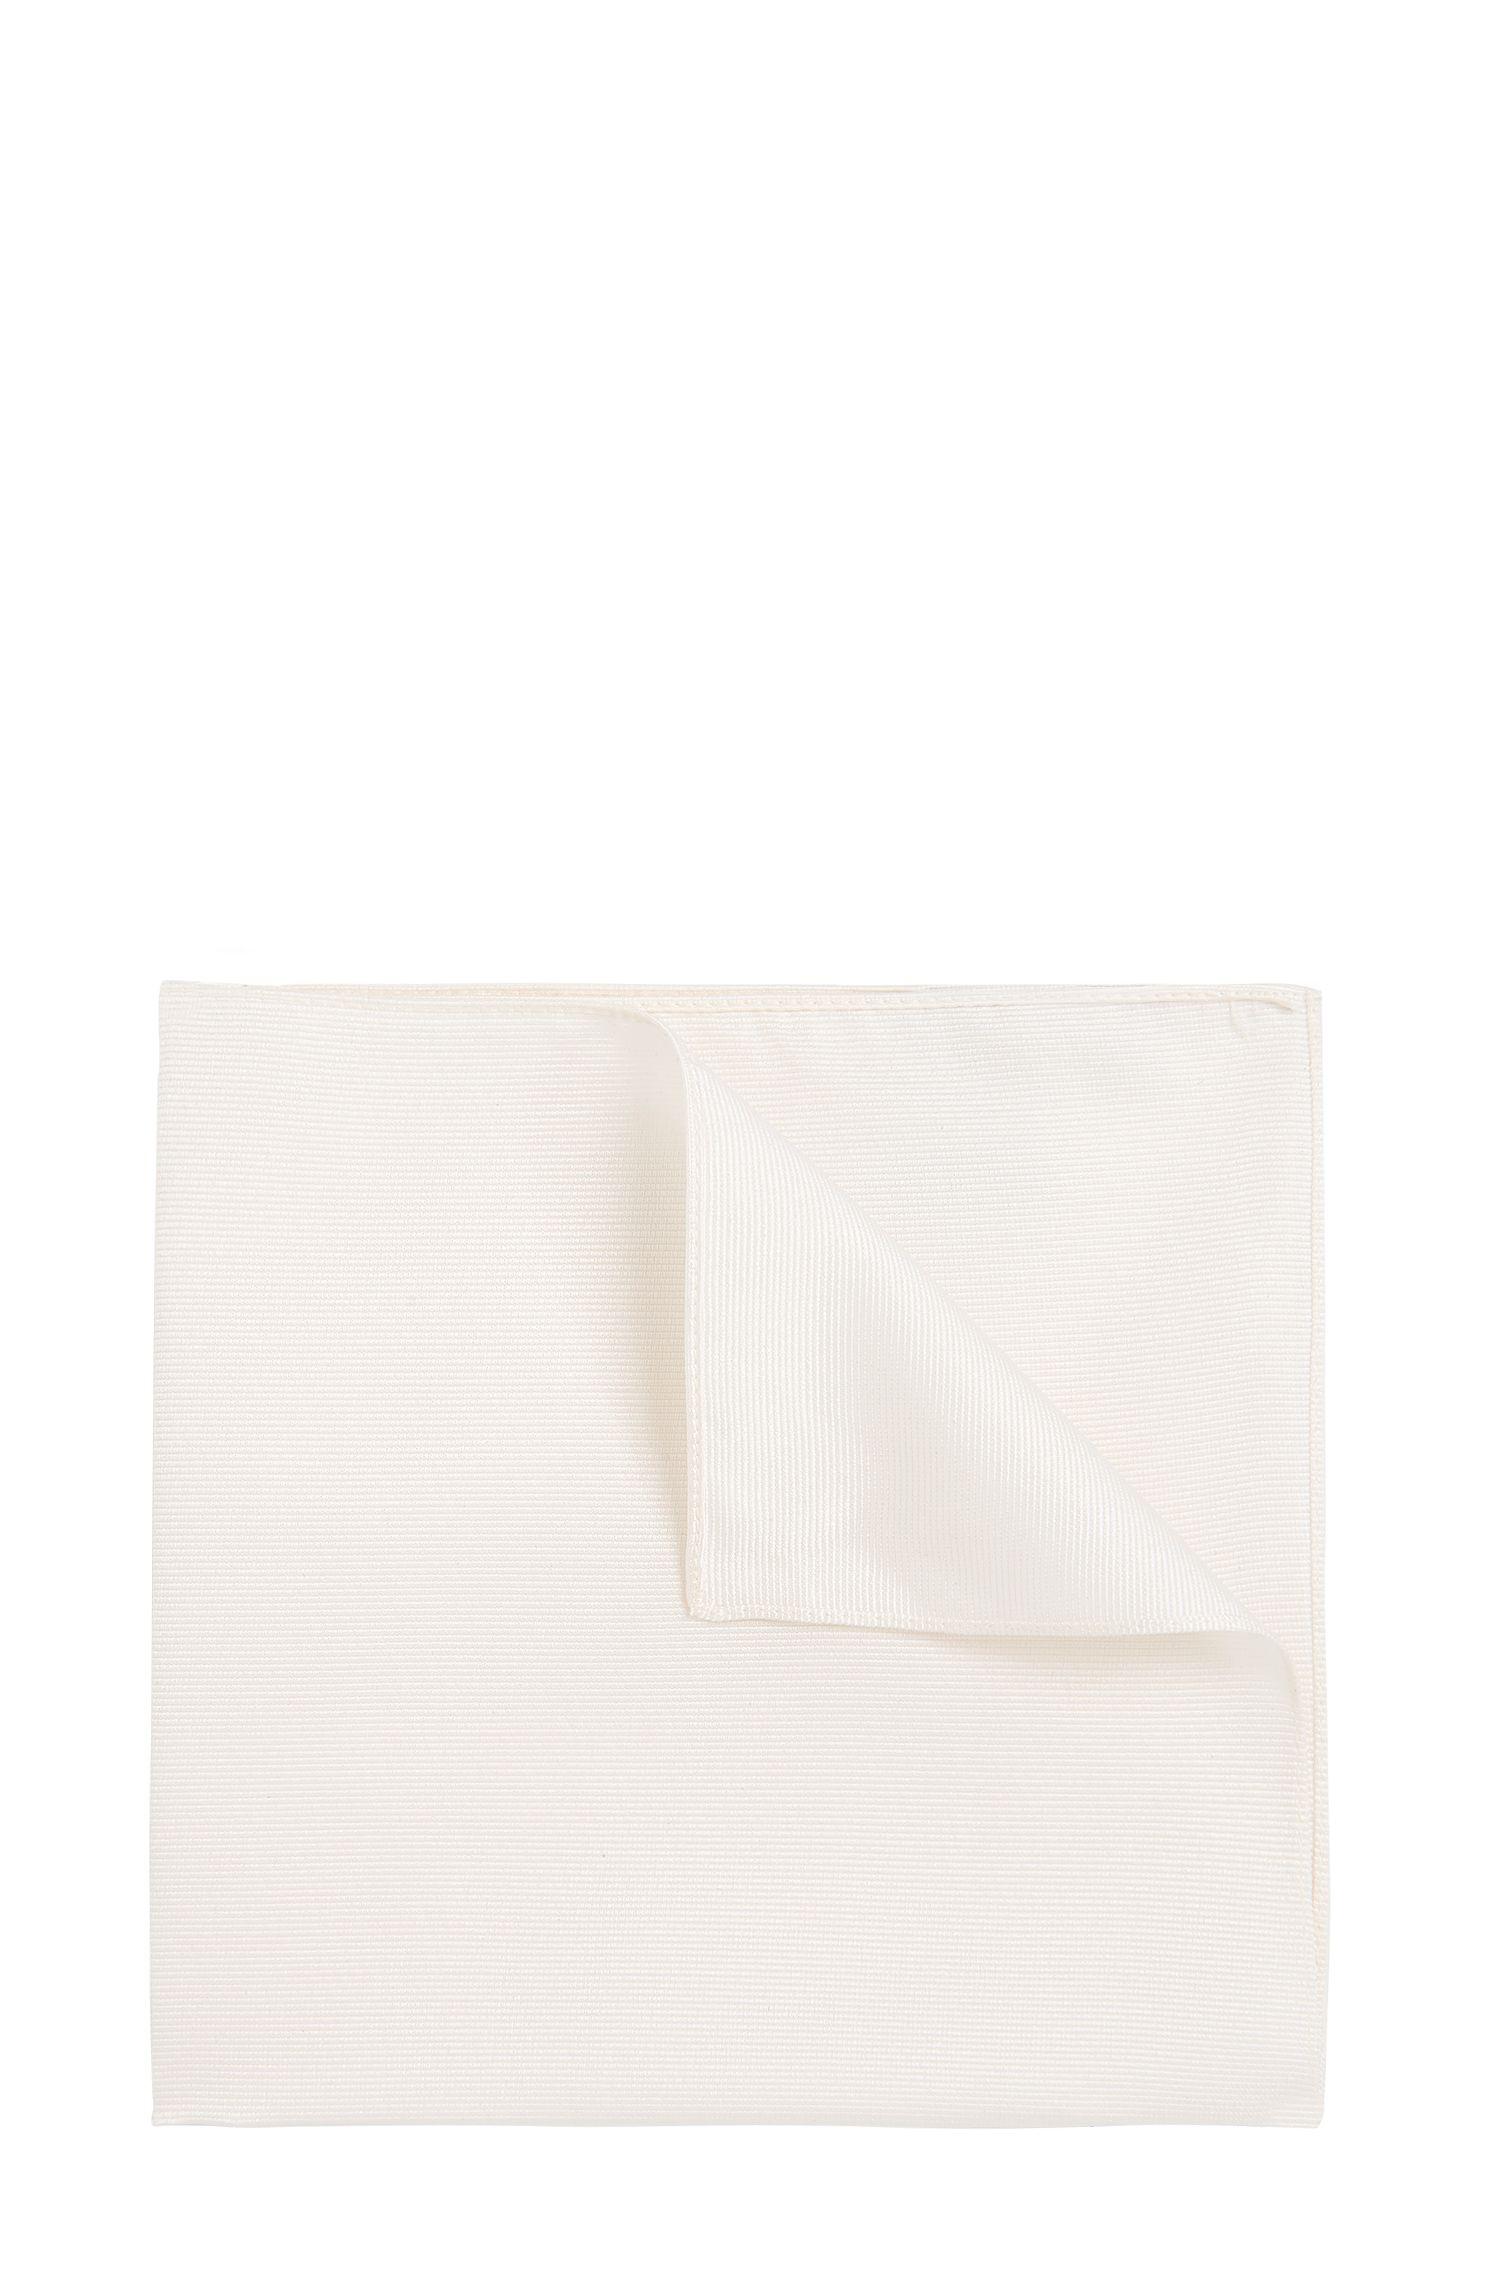 Pochette da taschino in seta tinta unita: 'Pocket sq. 33x33cm', Naturale